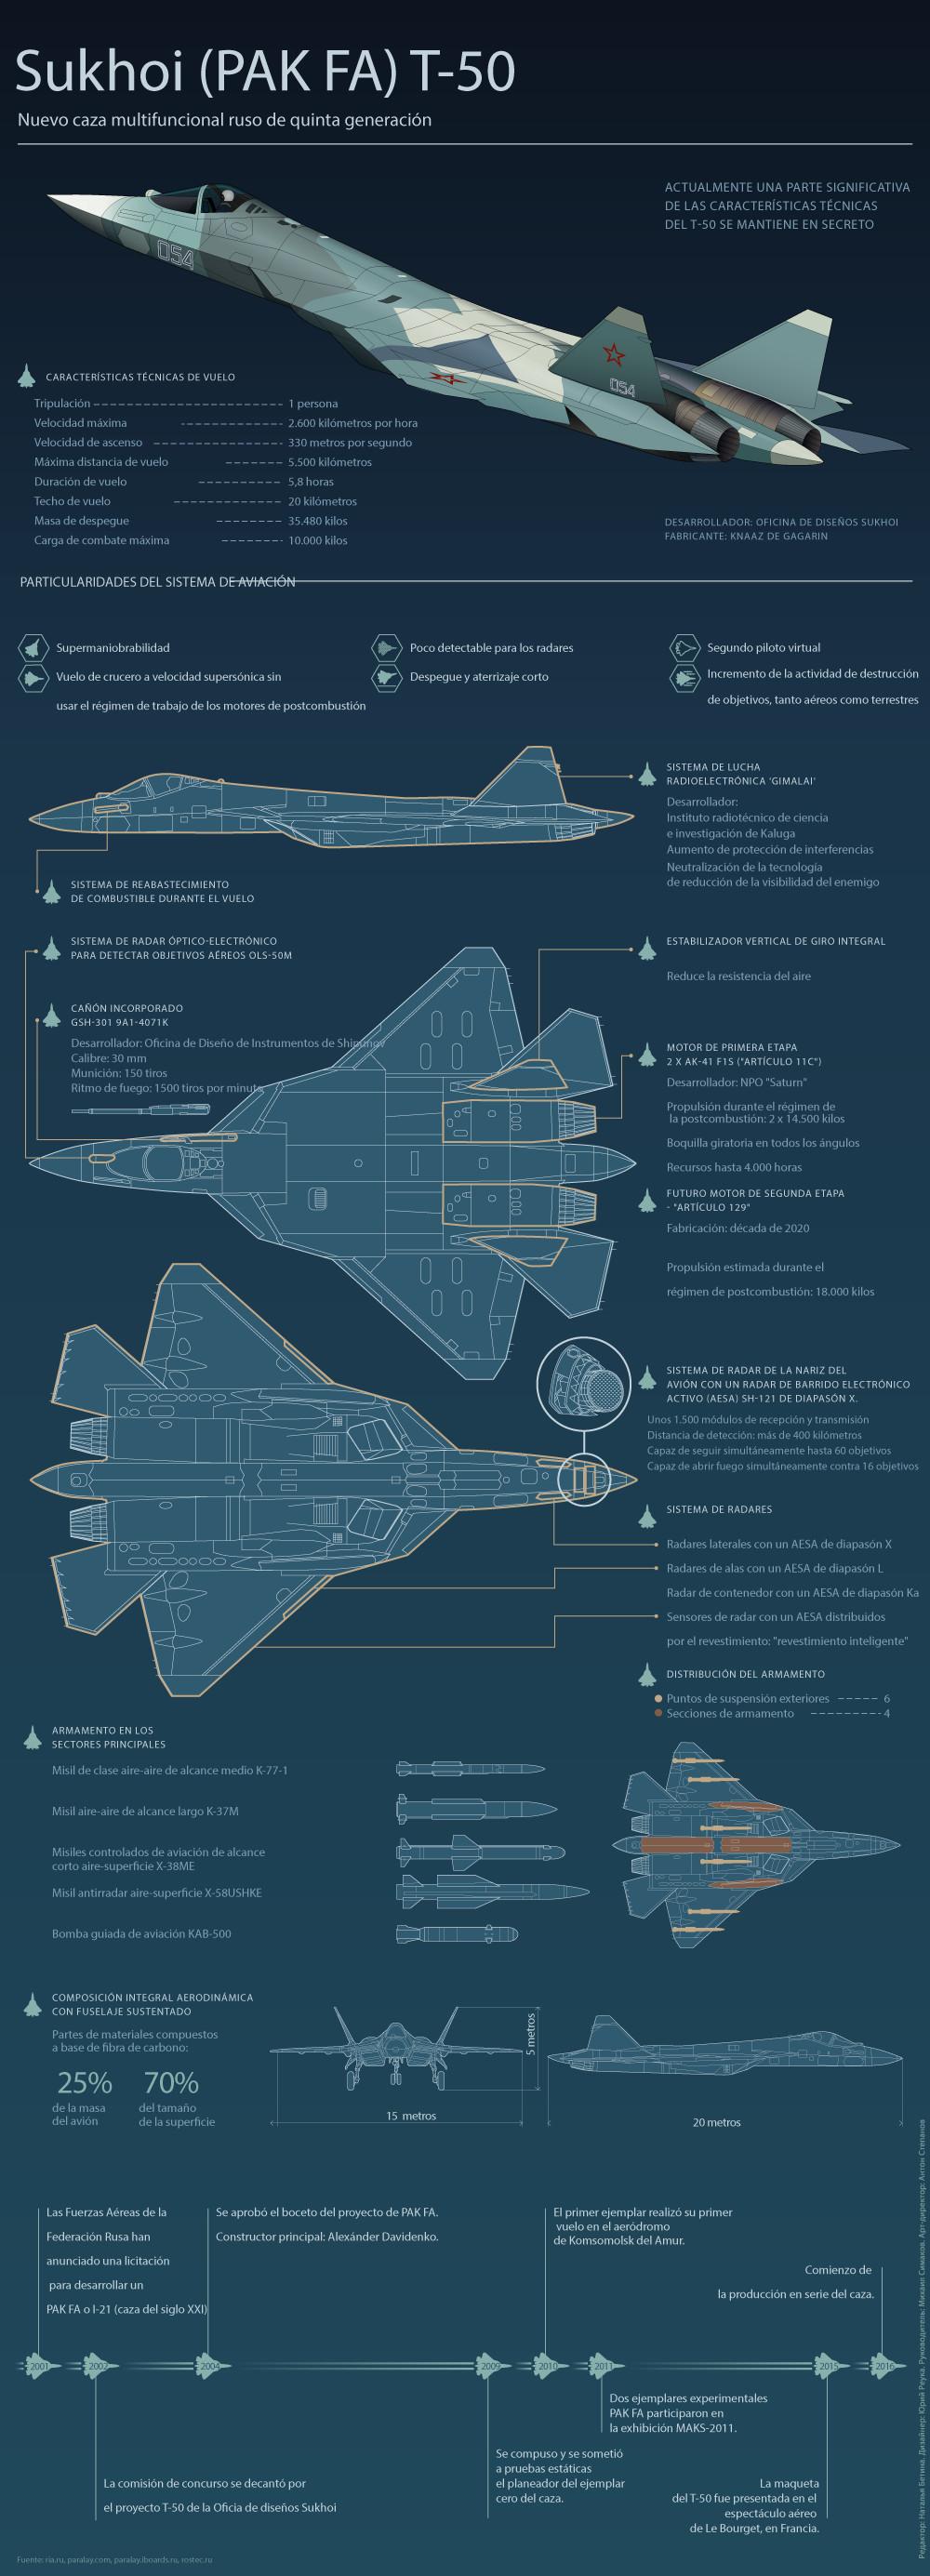 T-50 (PAK FA)